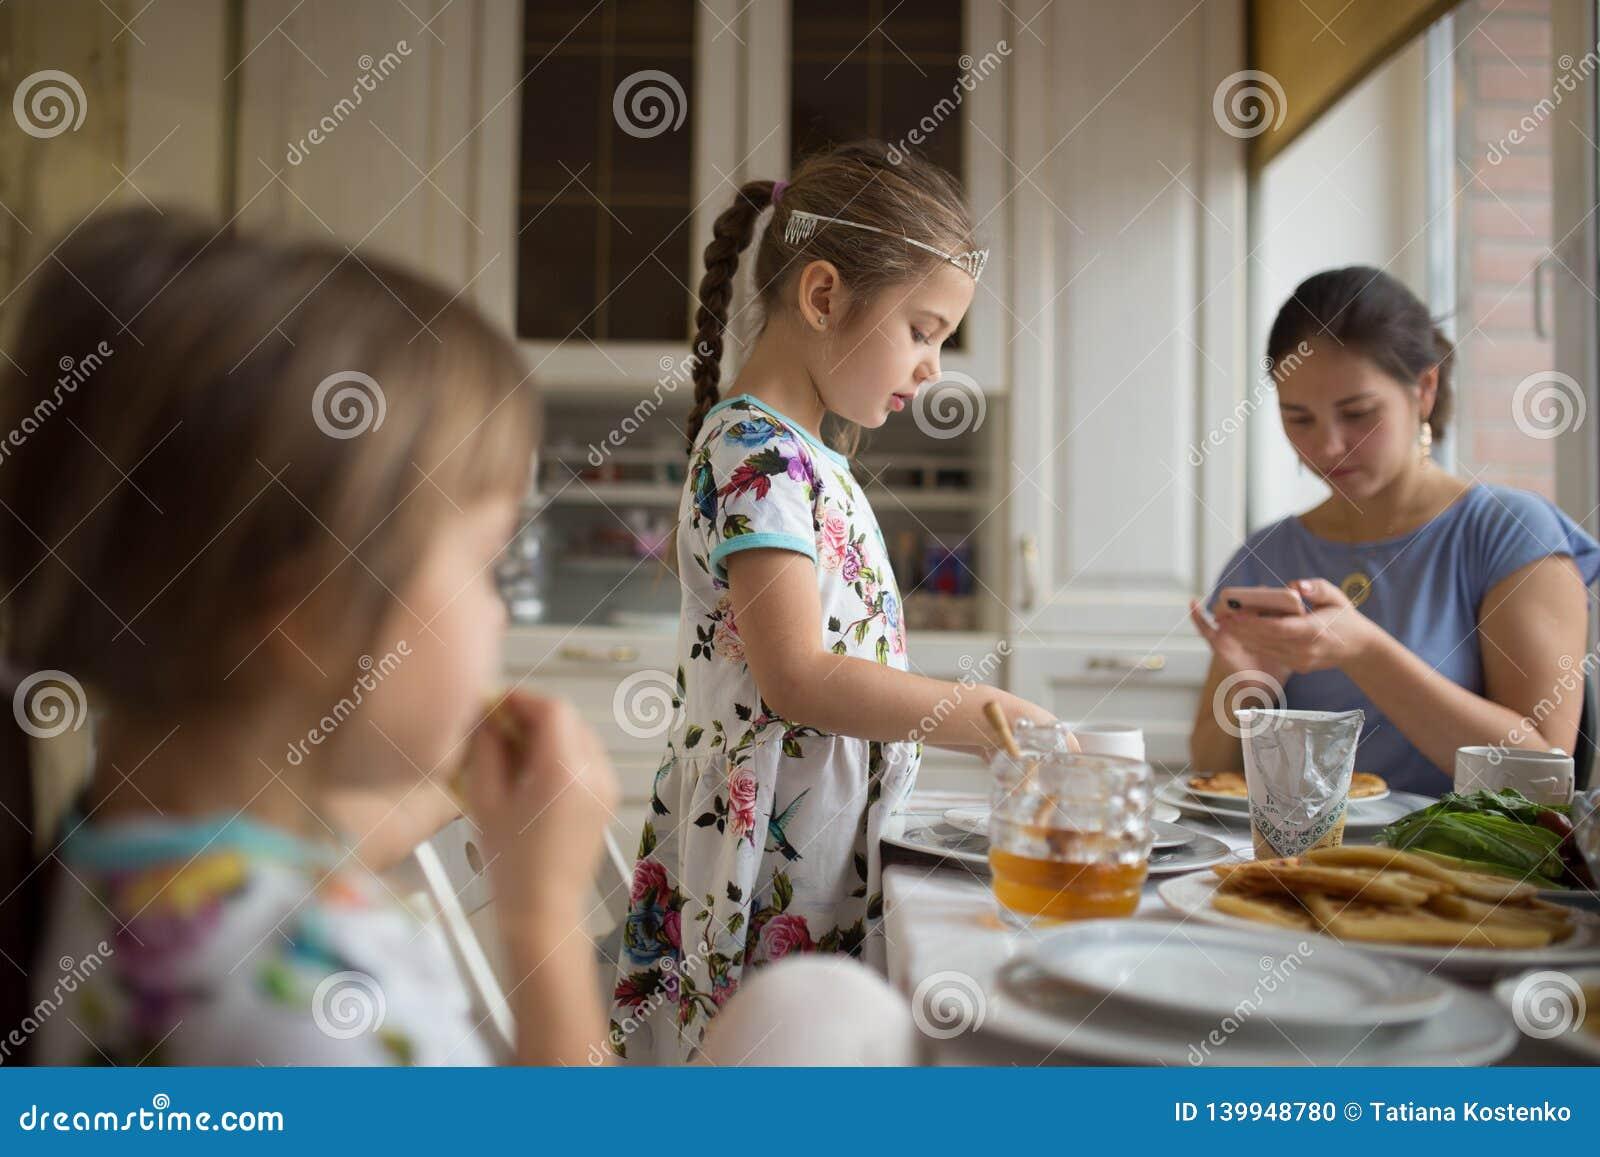 Junge mitfühlende Mutter und ihre zwei kleine Töchter, die Pfannkuchen mit Honig am Frühstück in der gemütlichen Küche essen